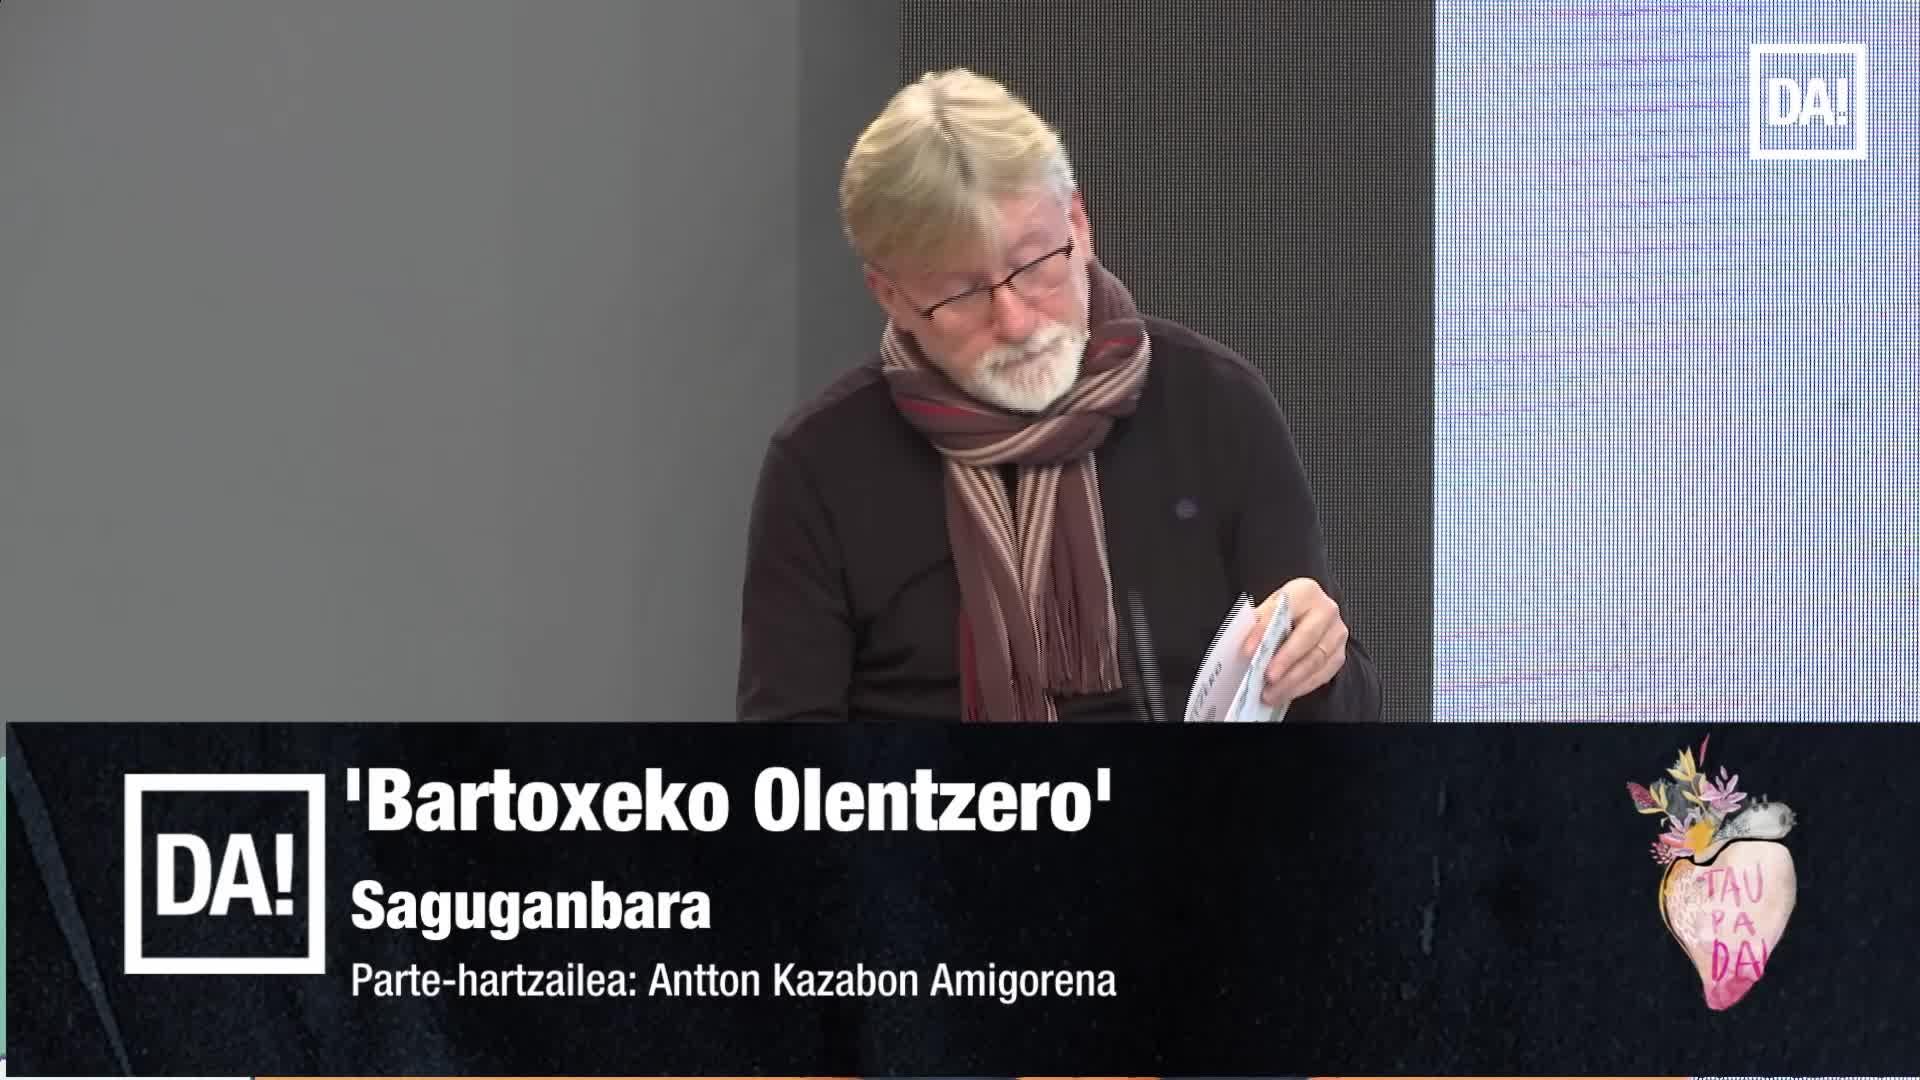 Bartoxeko Olentzero